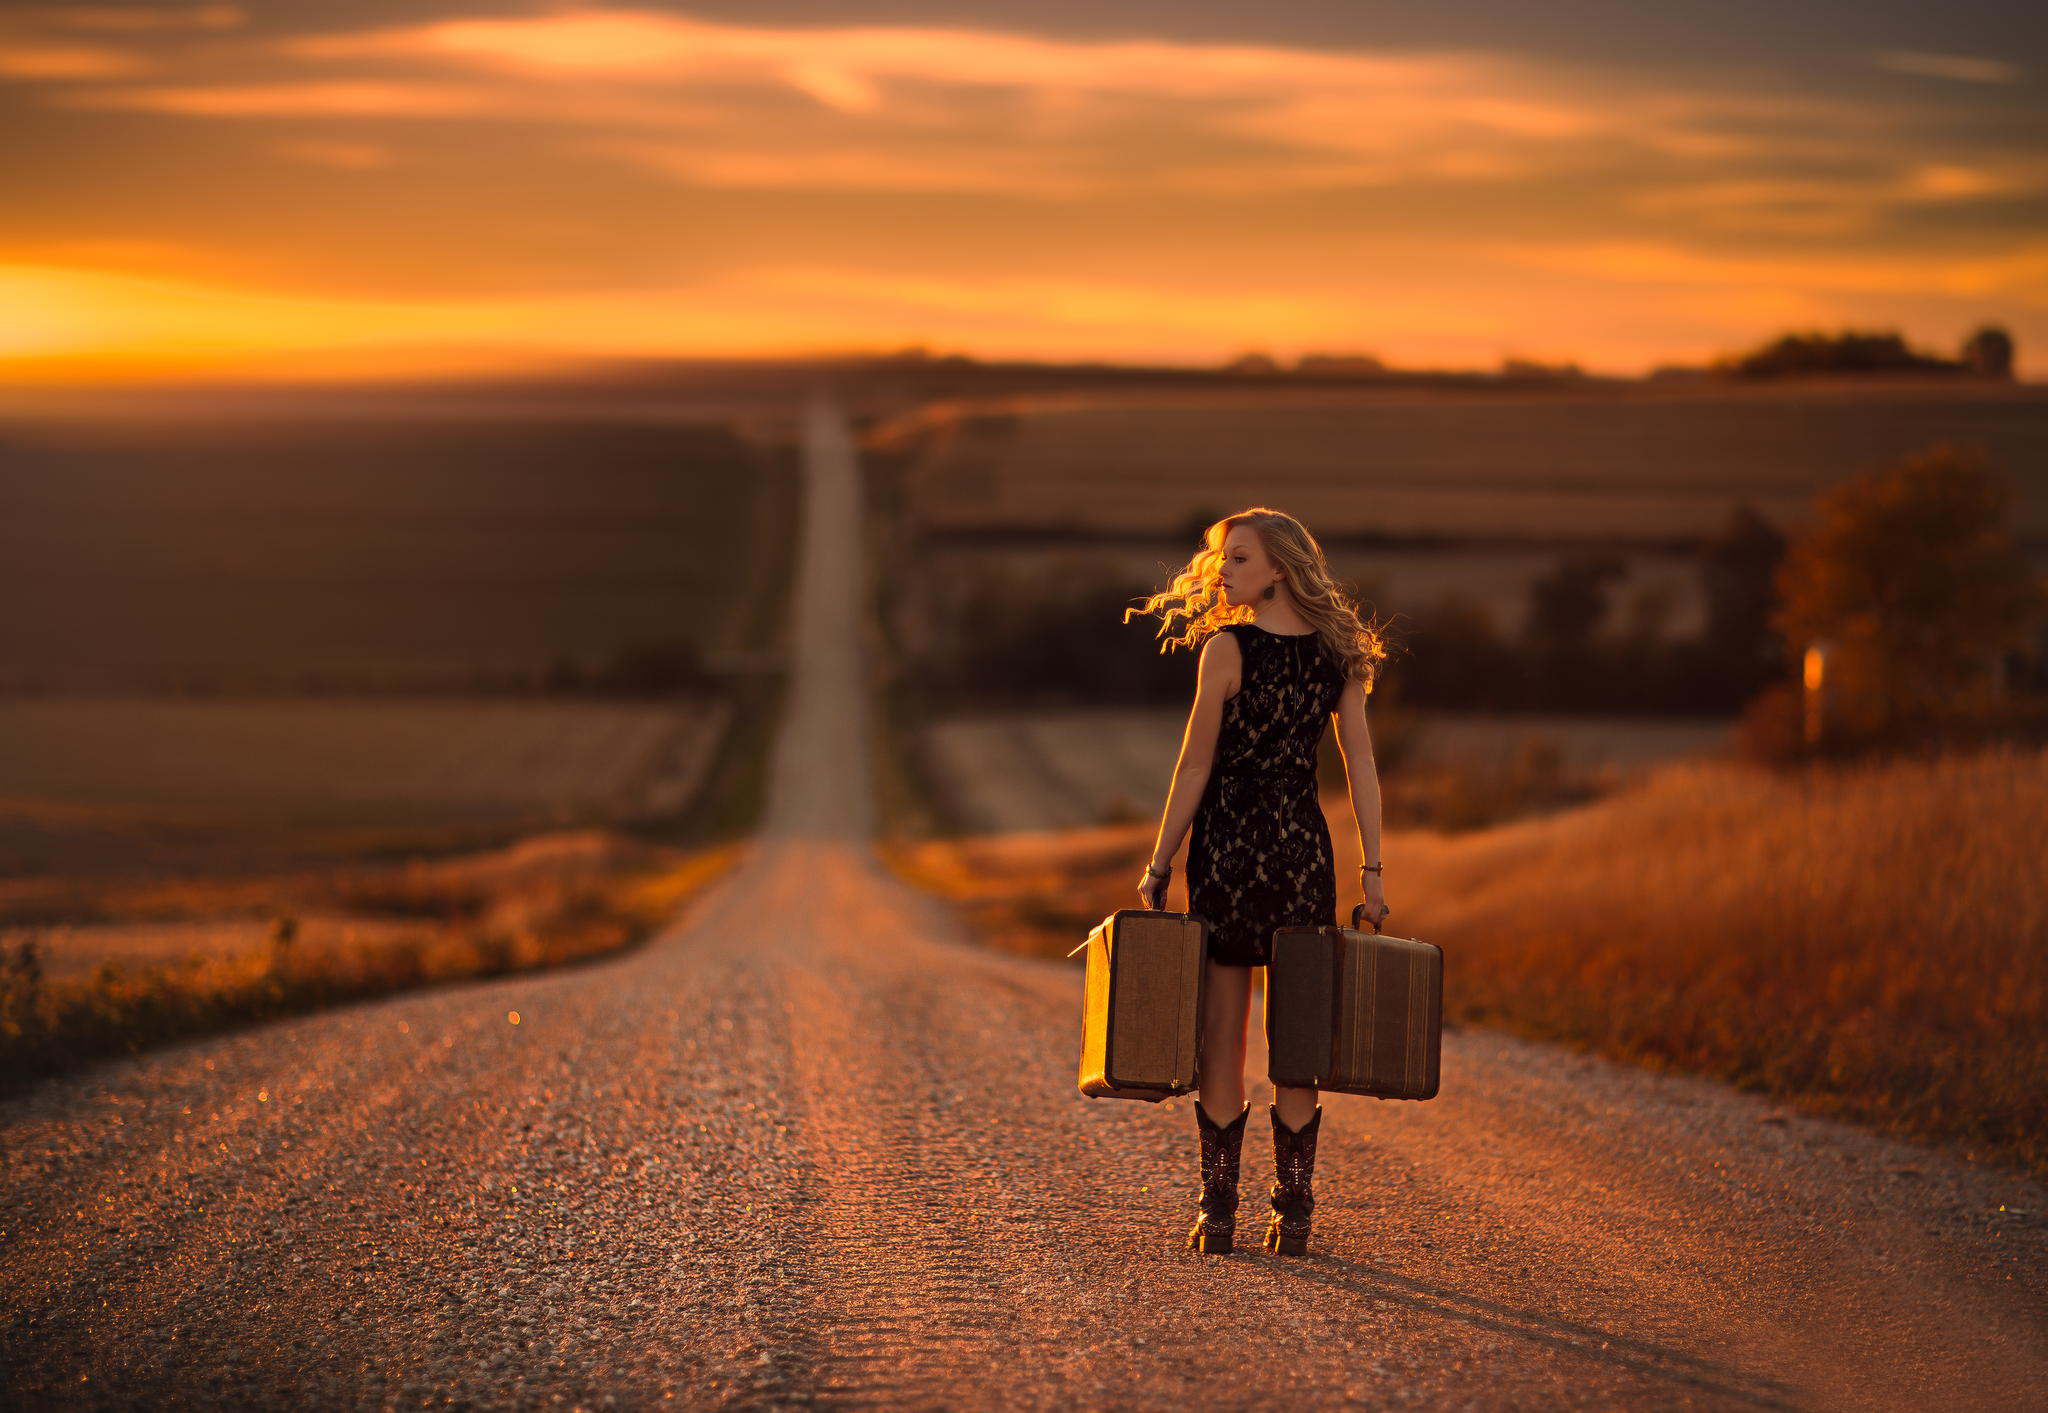 dicas-viajar-sozinho-amanda-viaja